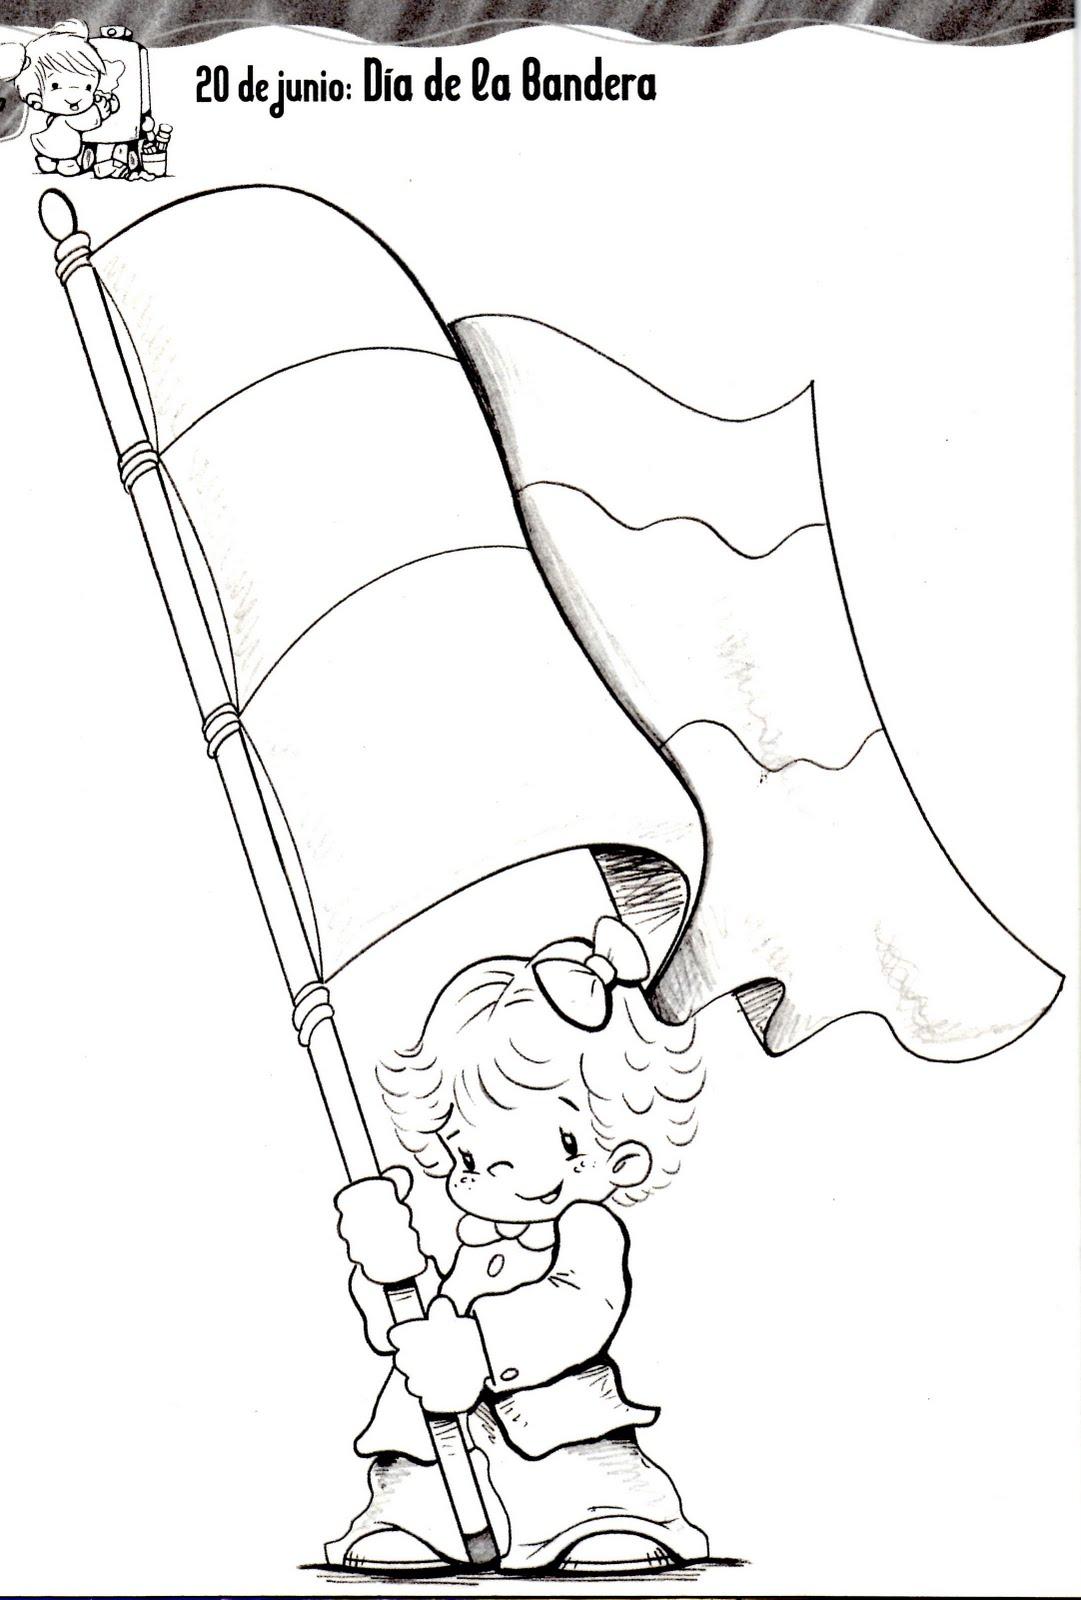 DIA De La Bandera 7 De Junio